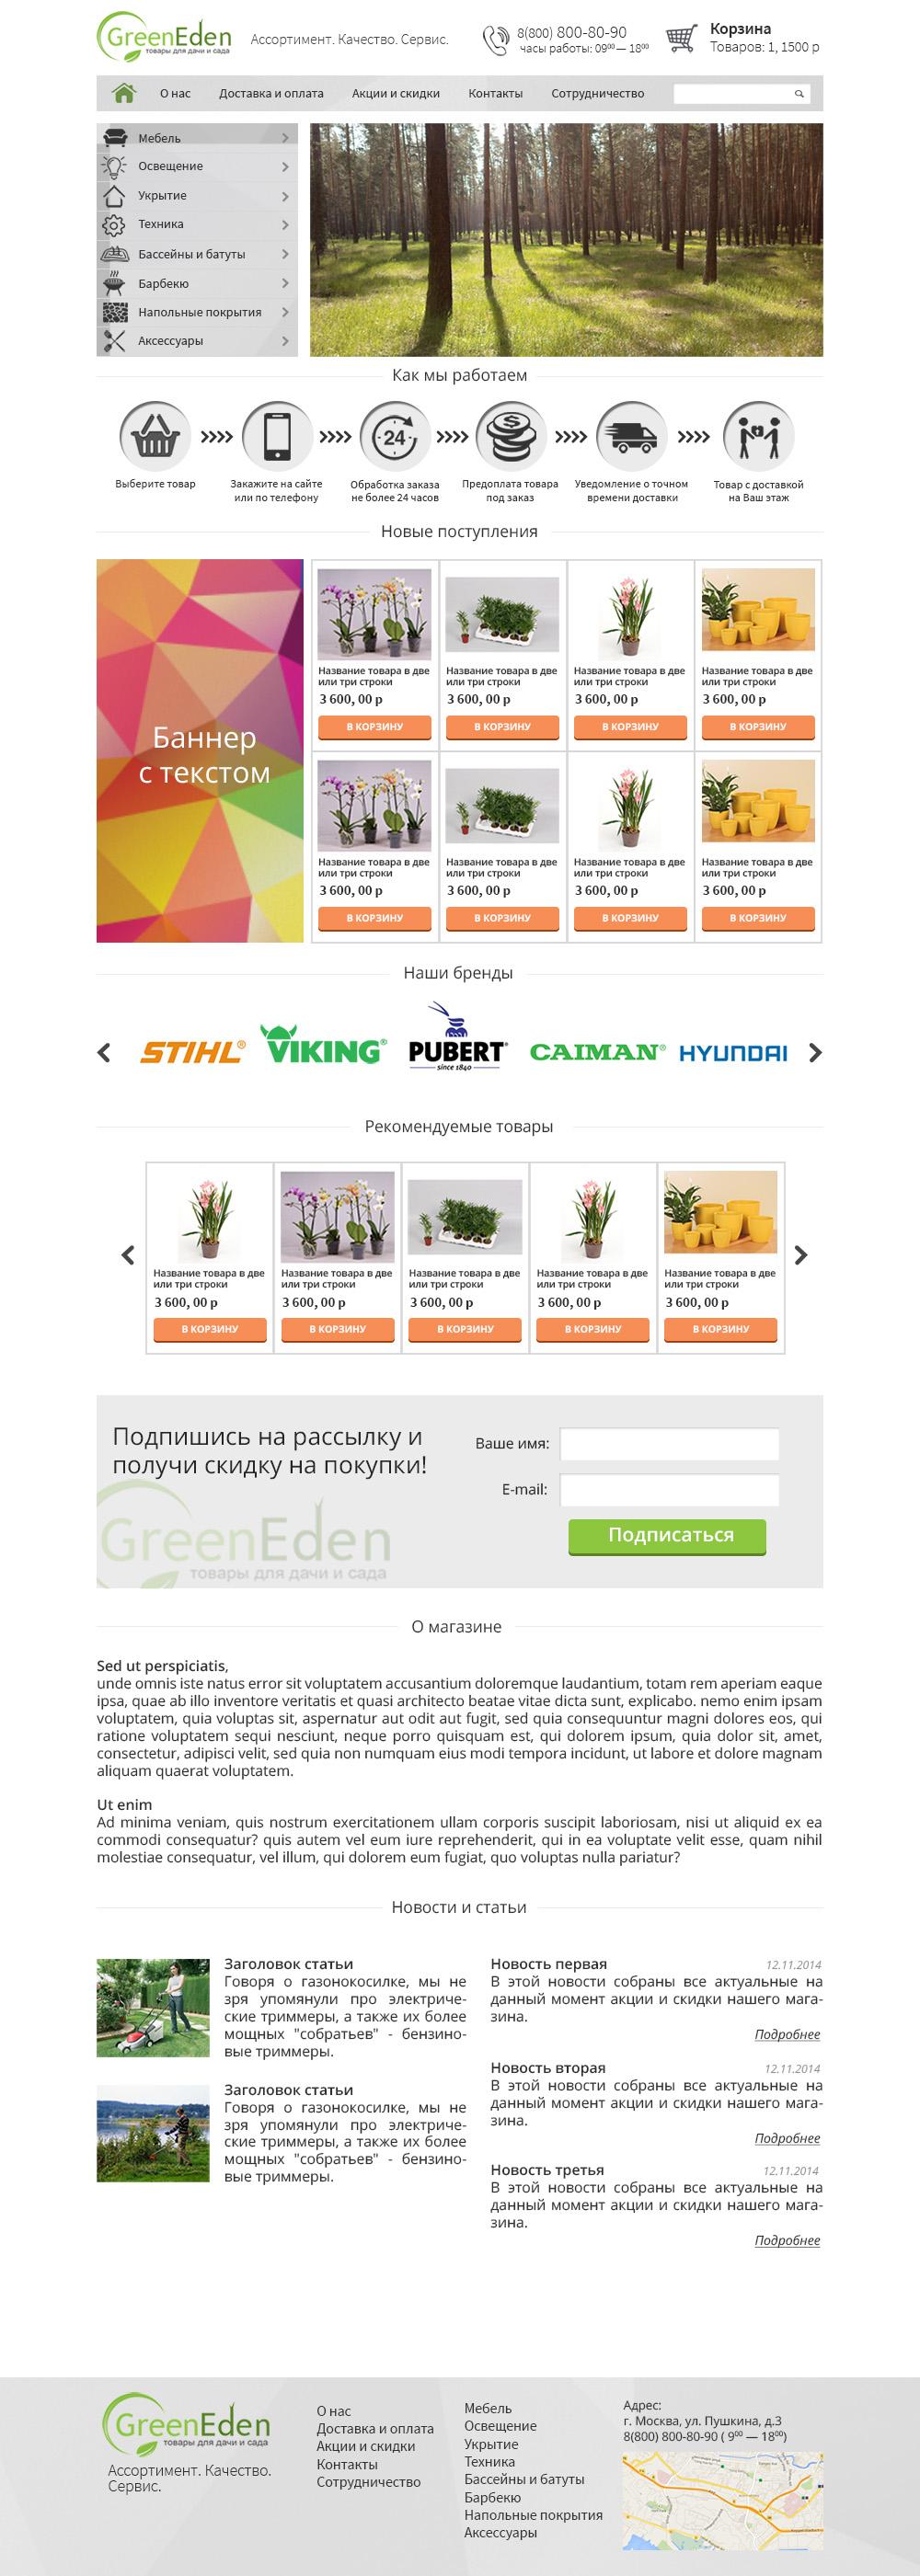 Green Eden – первое место в конкурсе